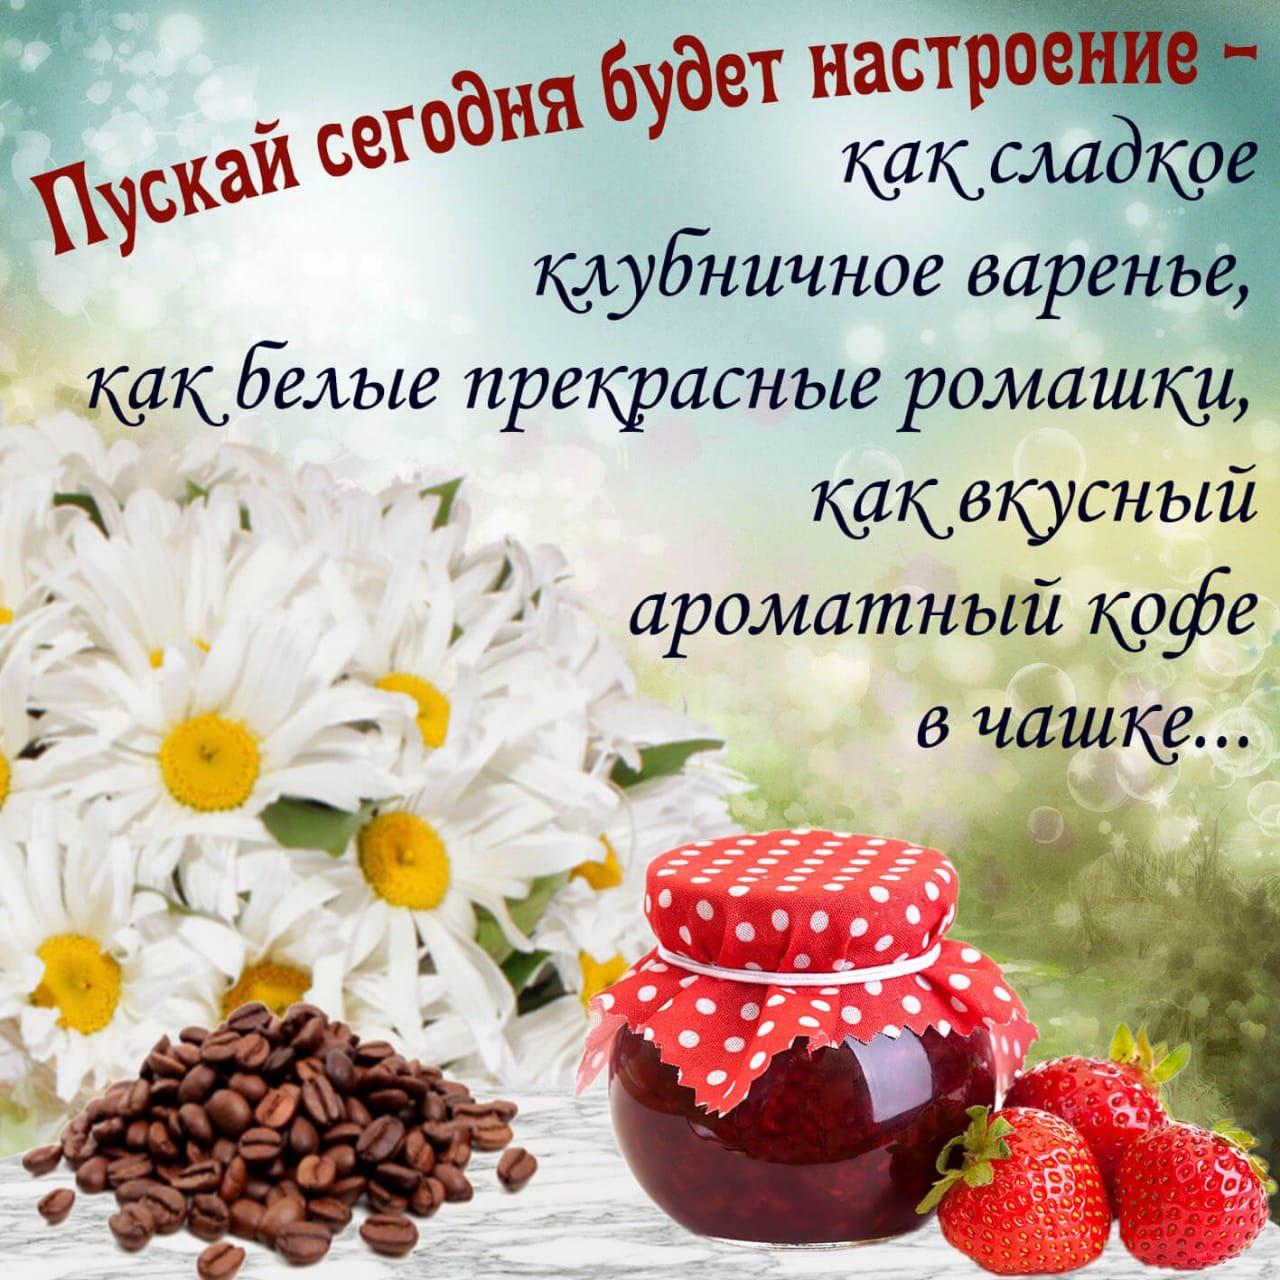 Приветствие и пожелания доброго дня в картинках